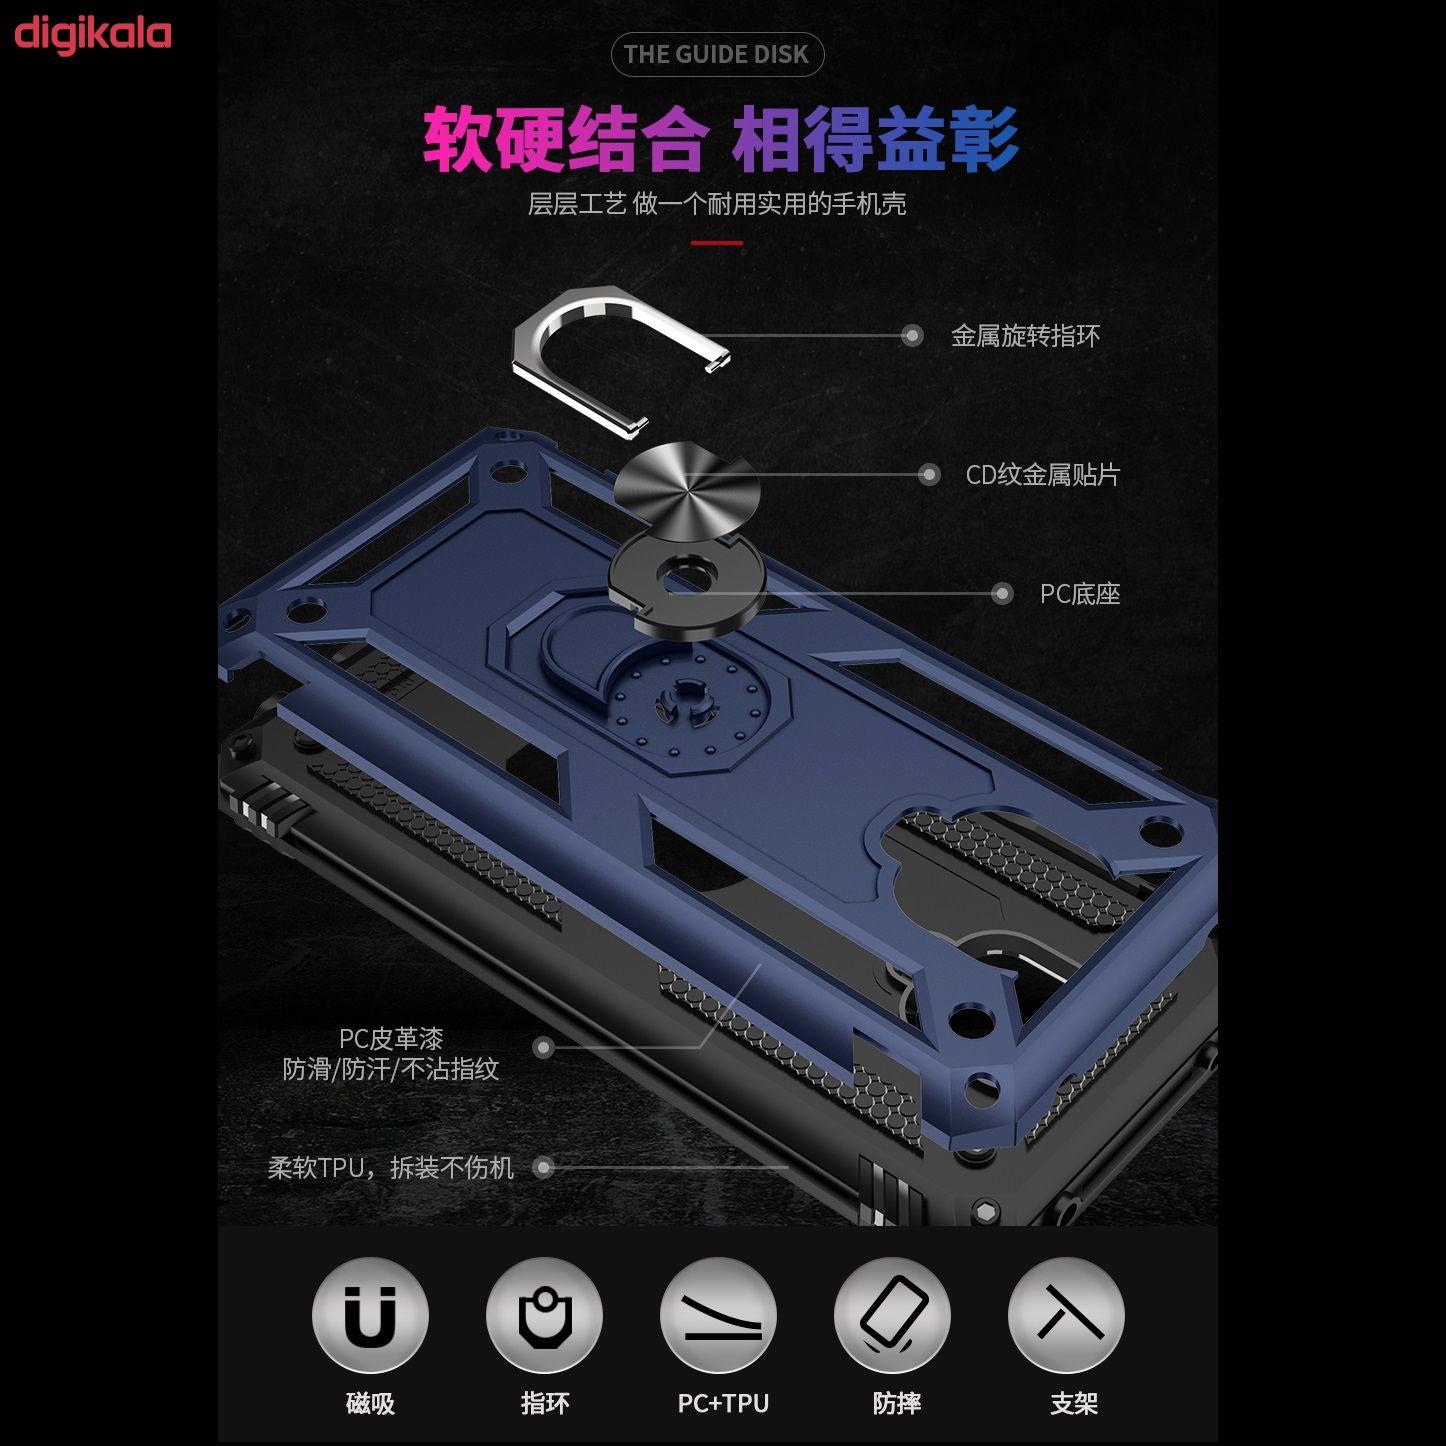 کاور آرمور مدل AR-2650 مناسب برای گوشی موبایل شیائومی Redmi Note 9s / Note 9 Pro main 1 4